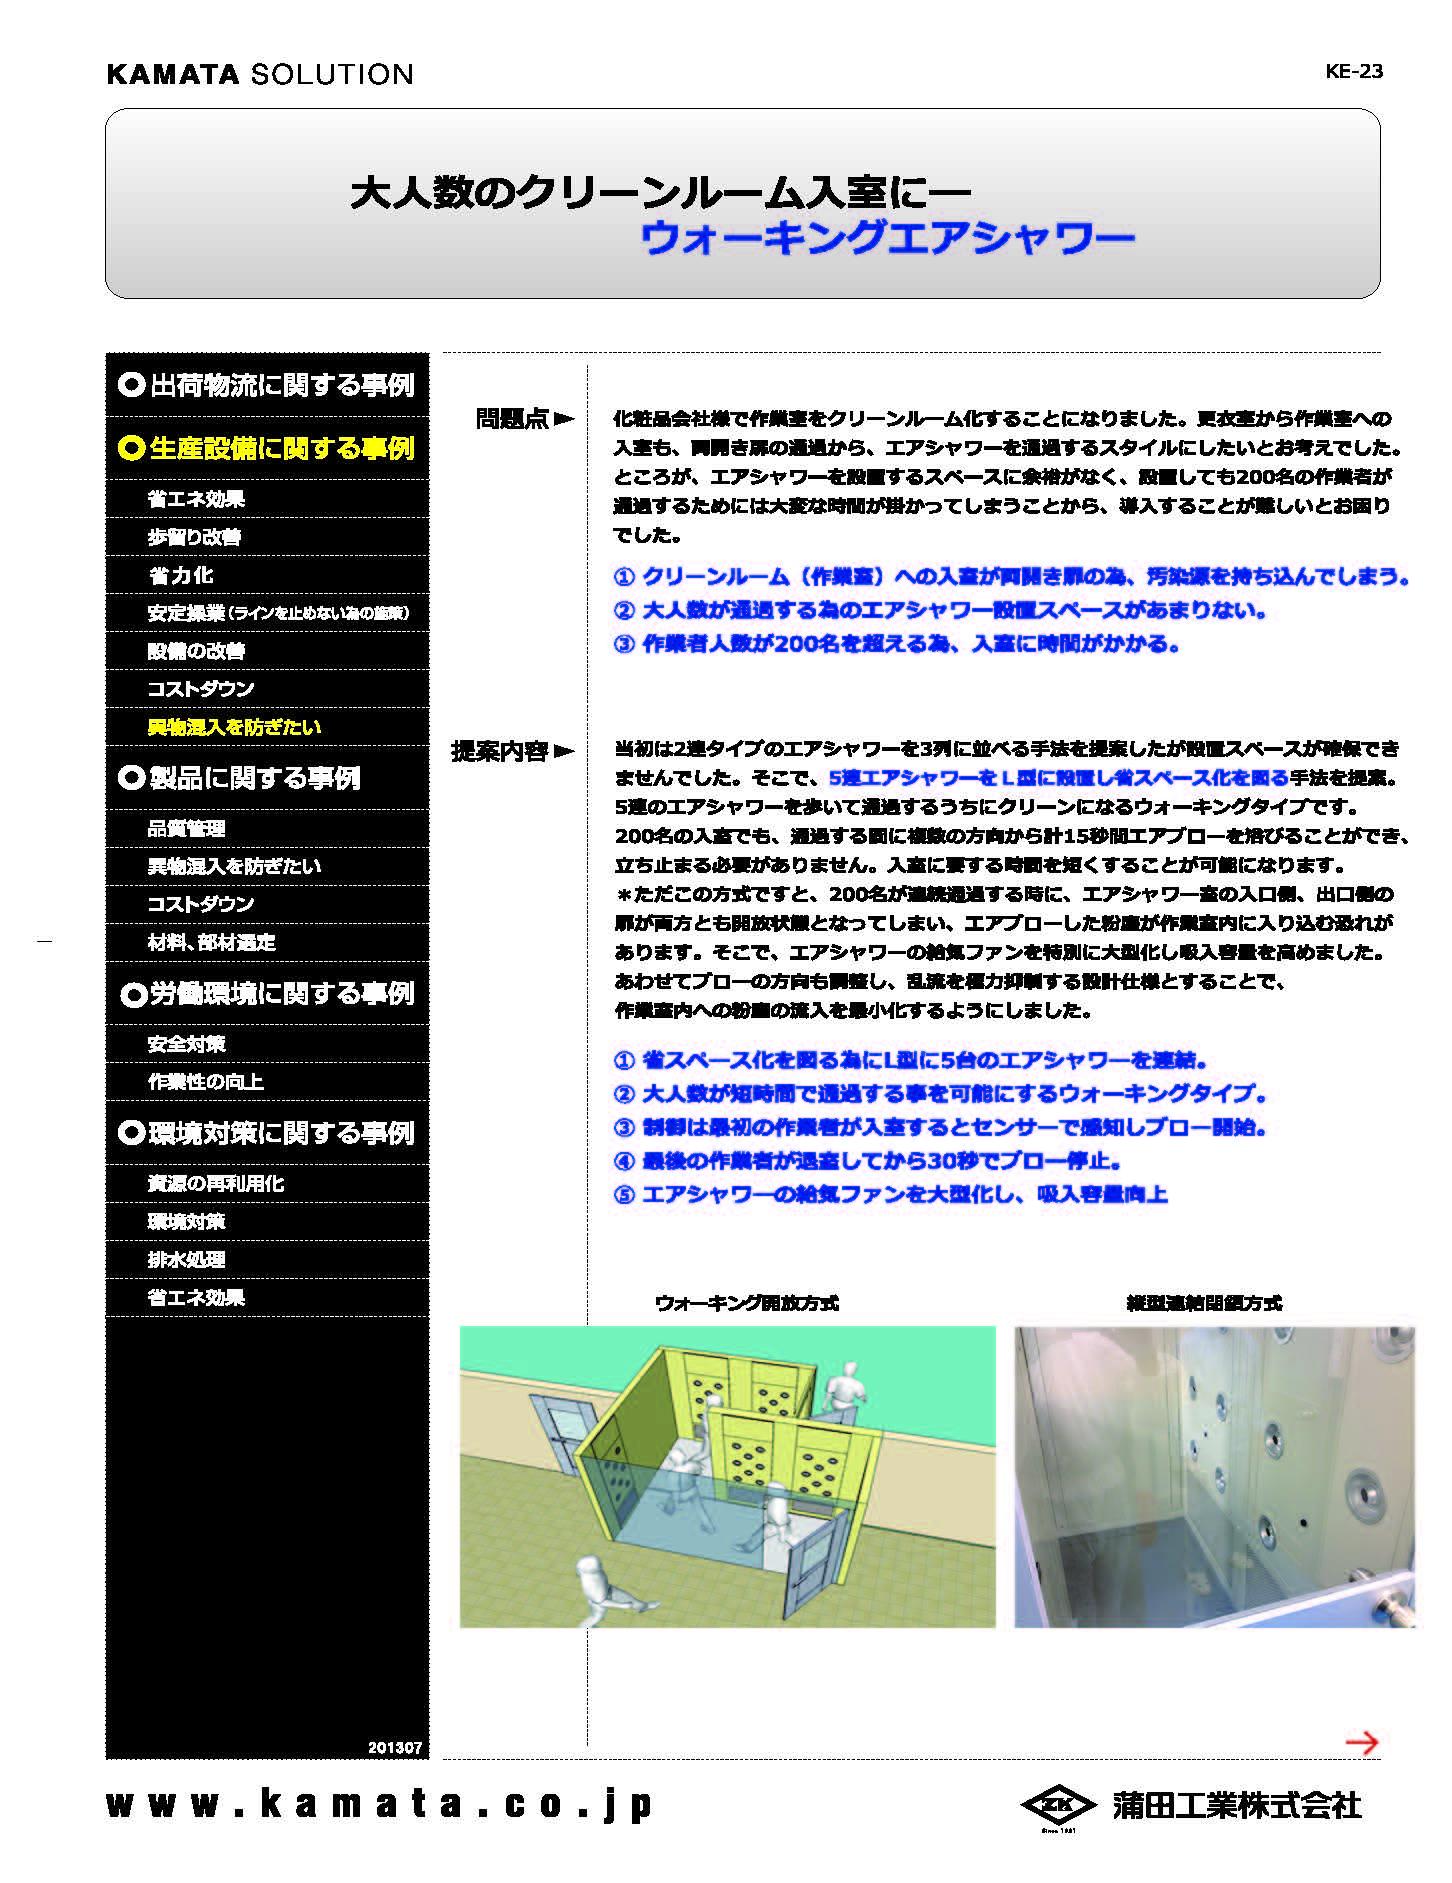 【事例紹介】クリーンルーム入室にウォーキングエアシャワー